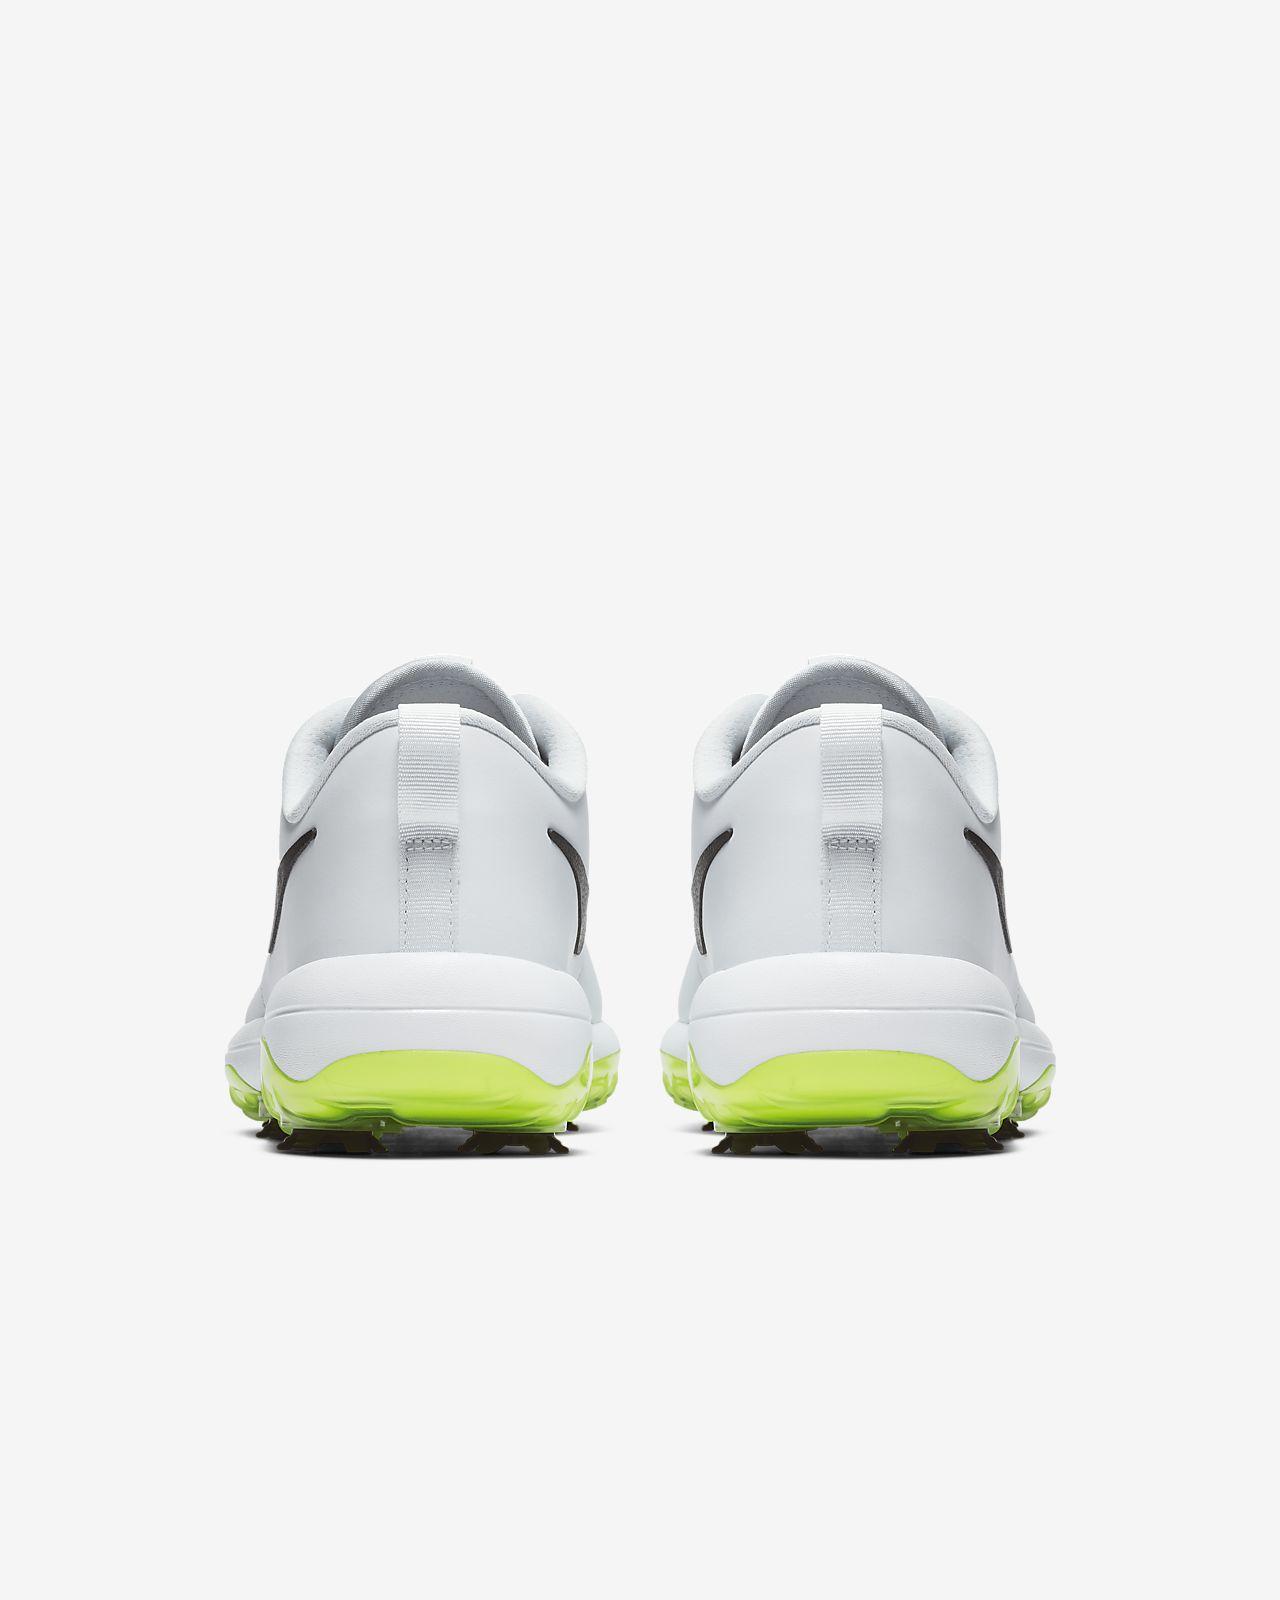 95e73e6c40681 Nike Roshe G Tour Men s Golf Shoe. Nike.com